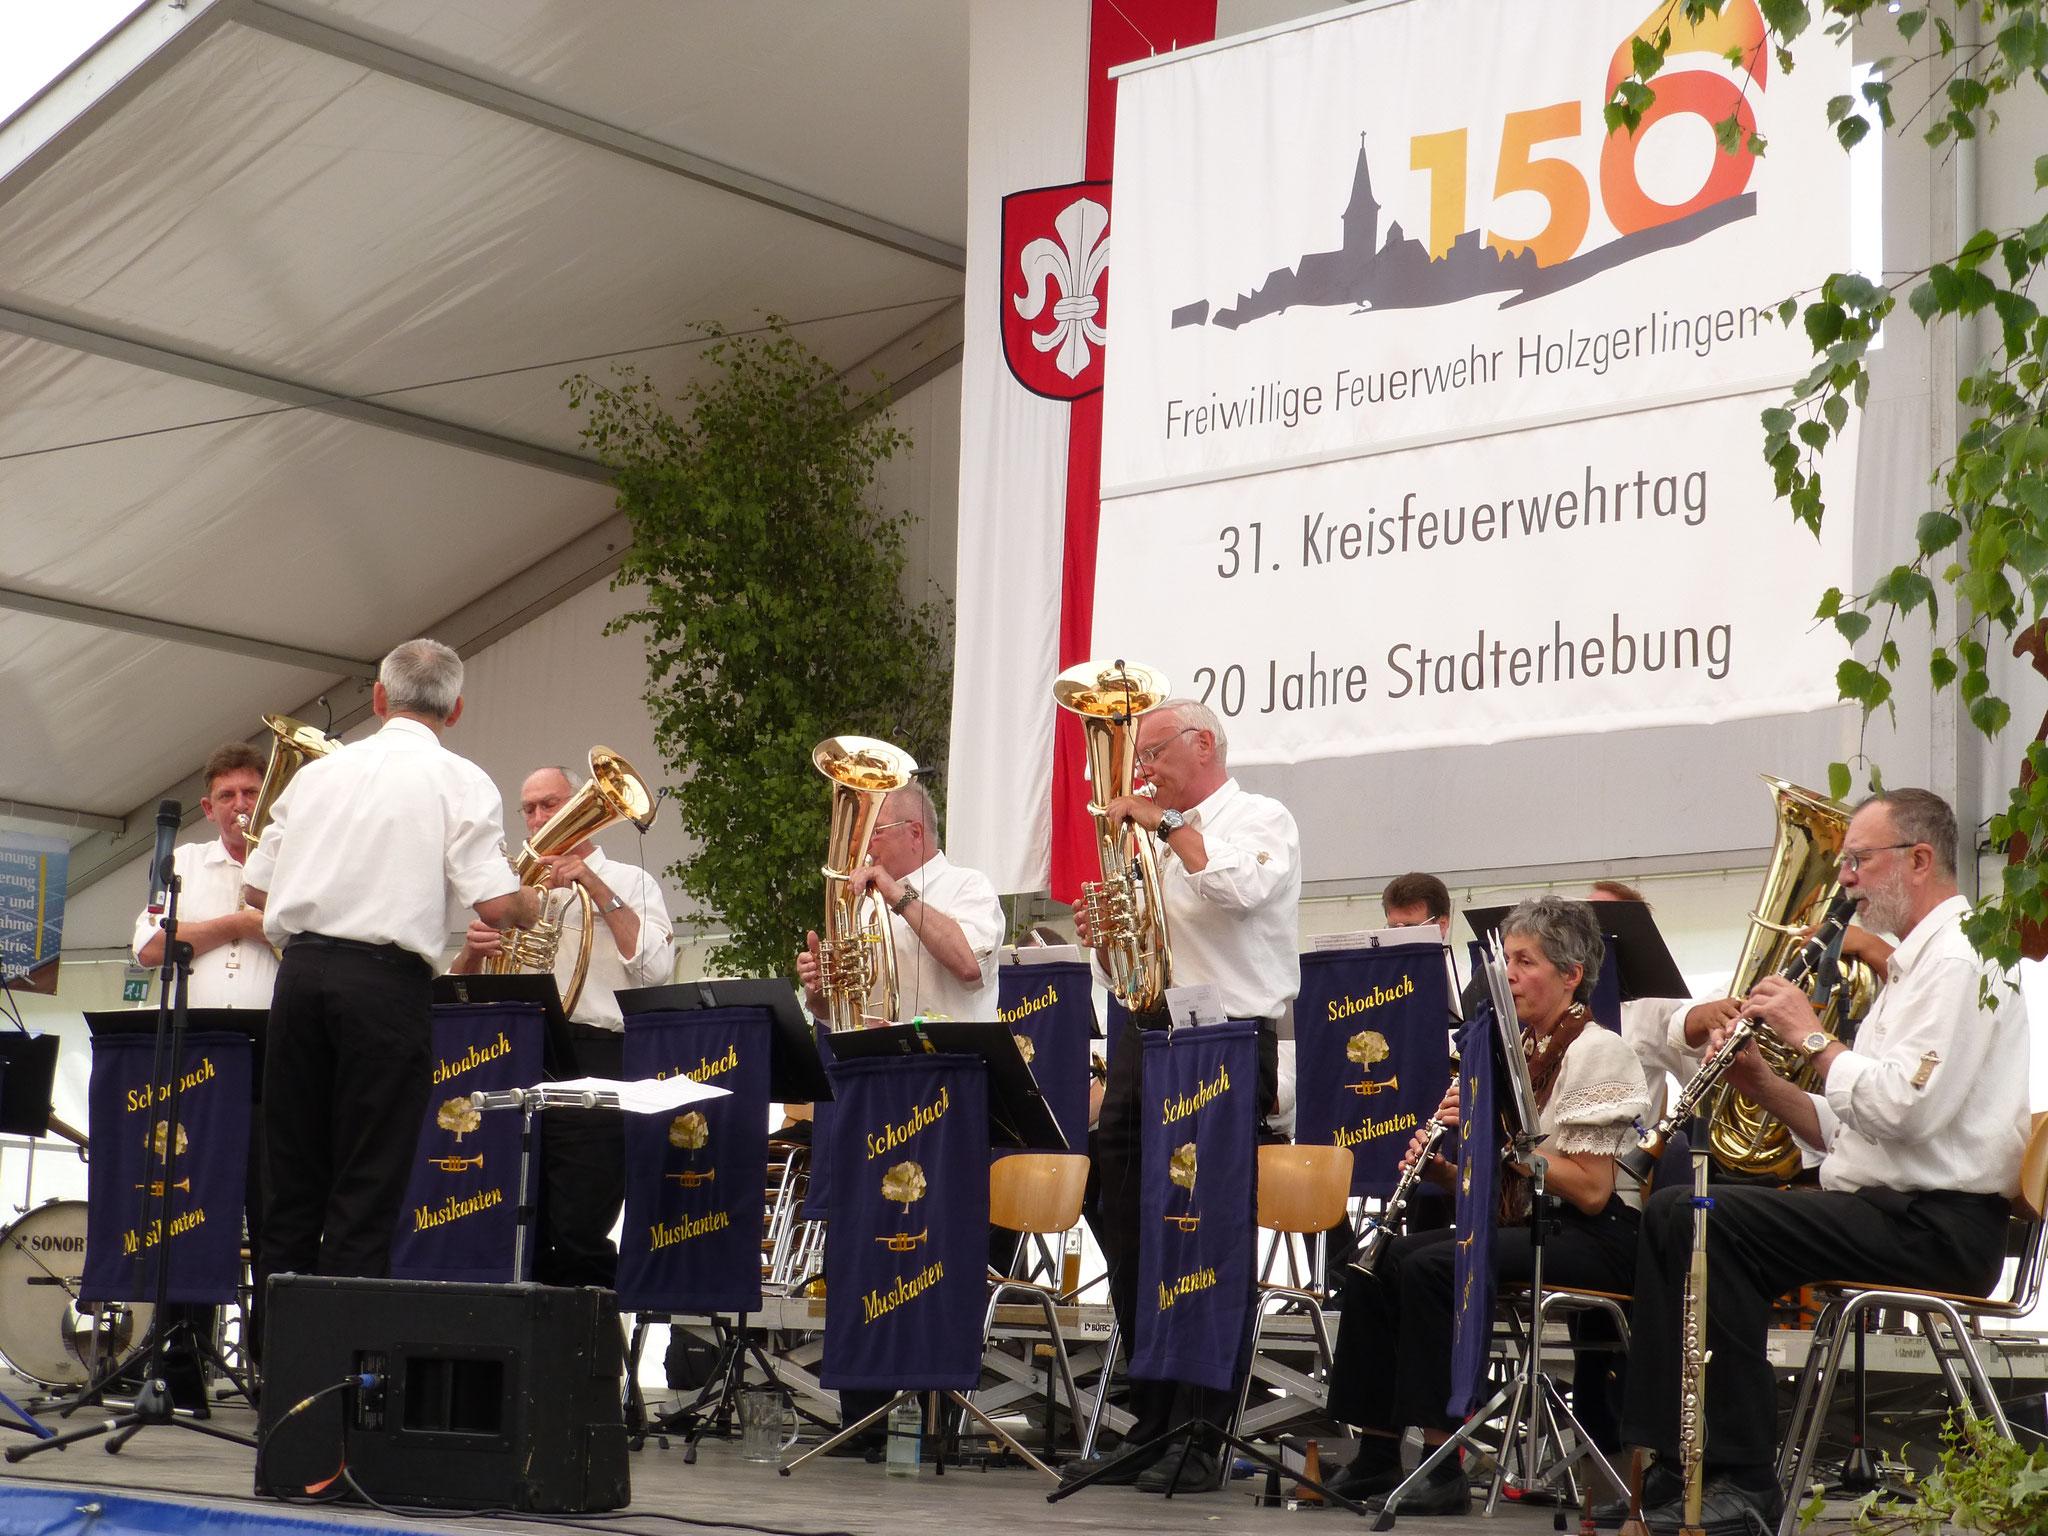 150 Jahre Feuerwehr Holzgerlingen 23.06.2013